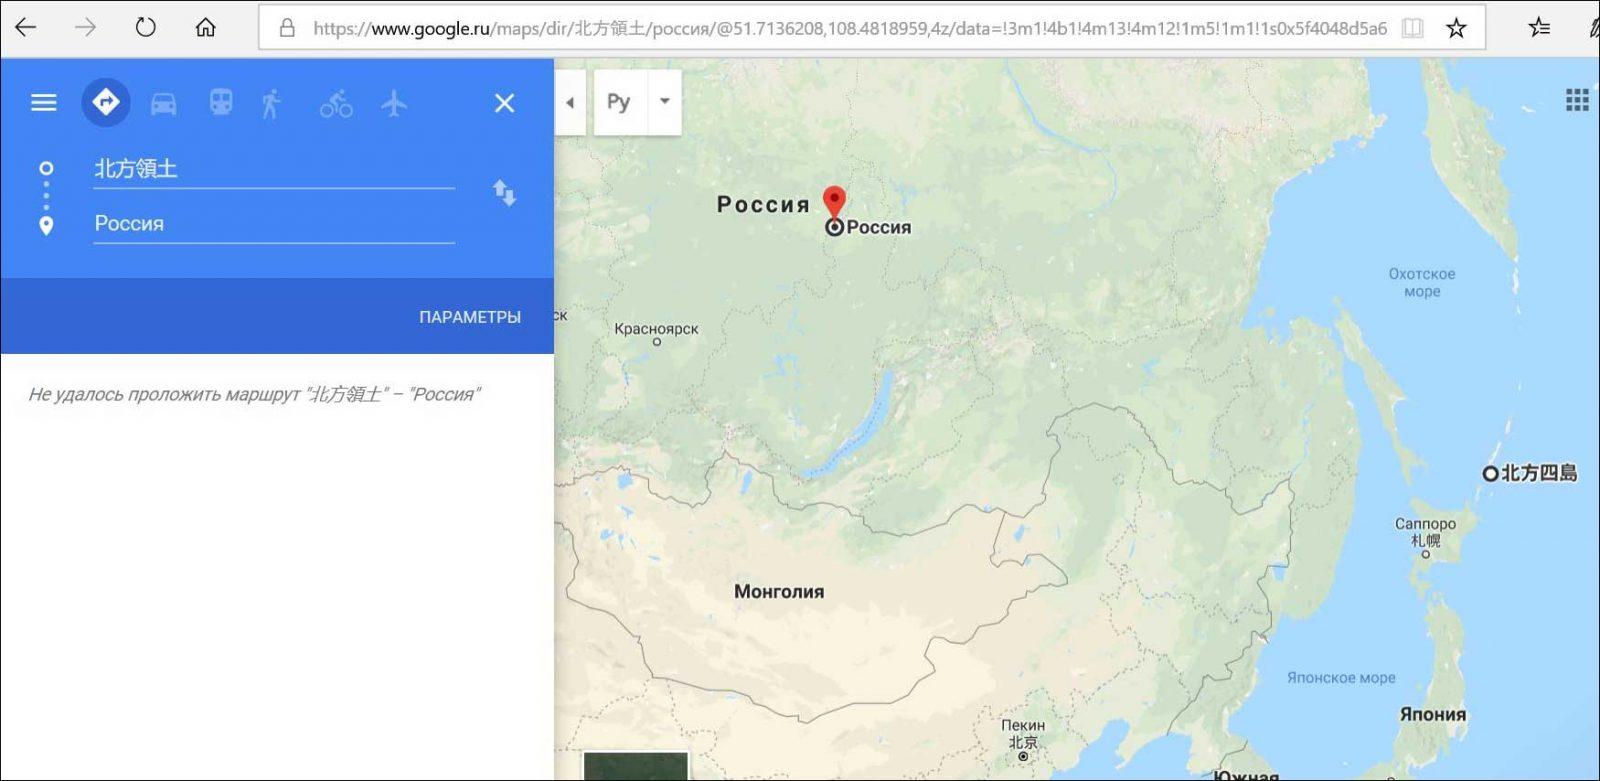 Руководство Госдумы решило вызвать представителя Google для беседы о Крыме